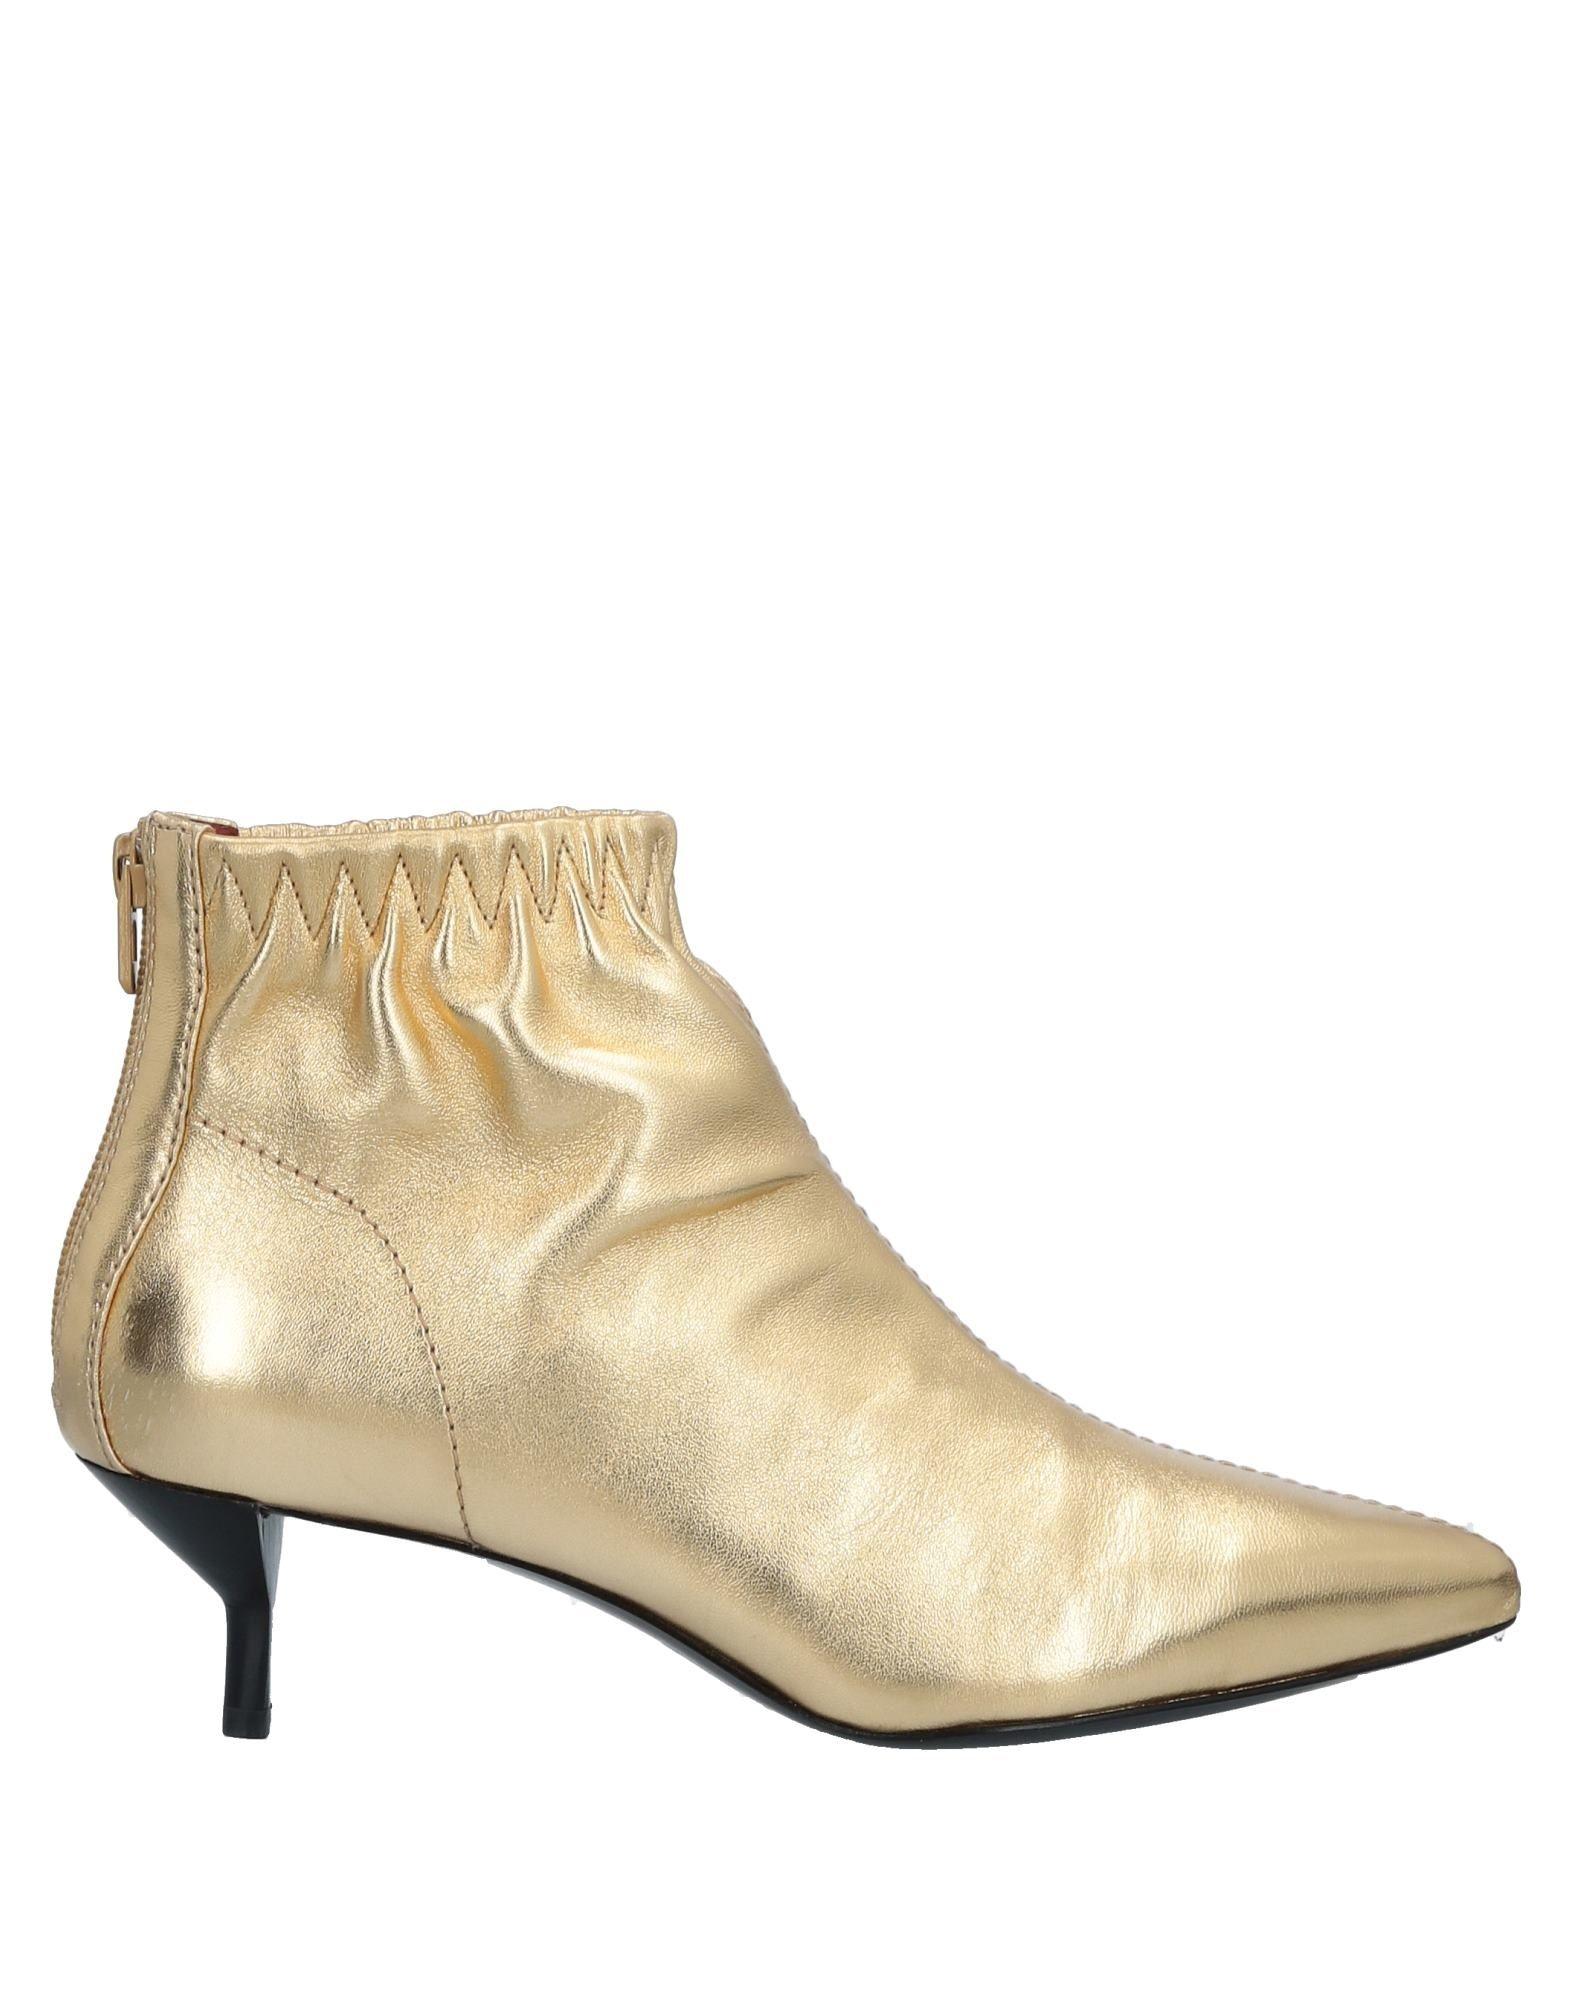 Rabatt Schuhe 3.1 Phillip Lim Stiefelette Damen  11515631SR